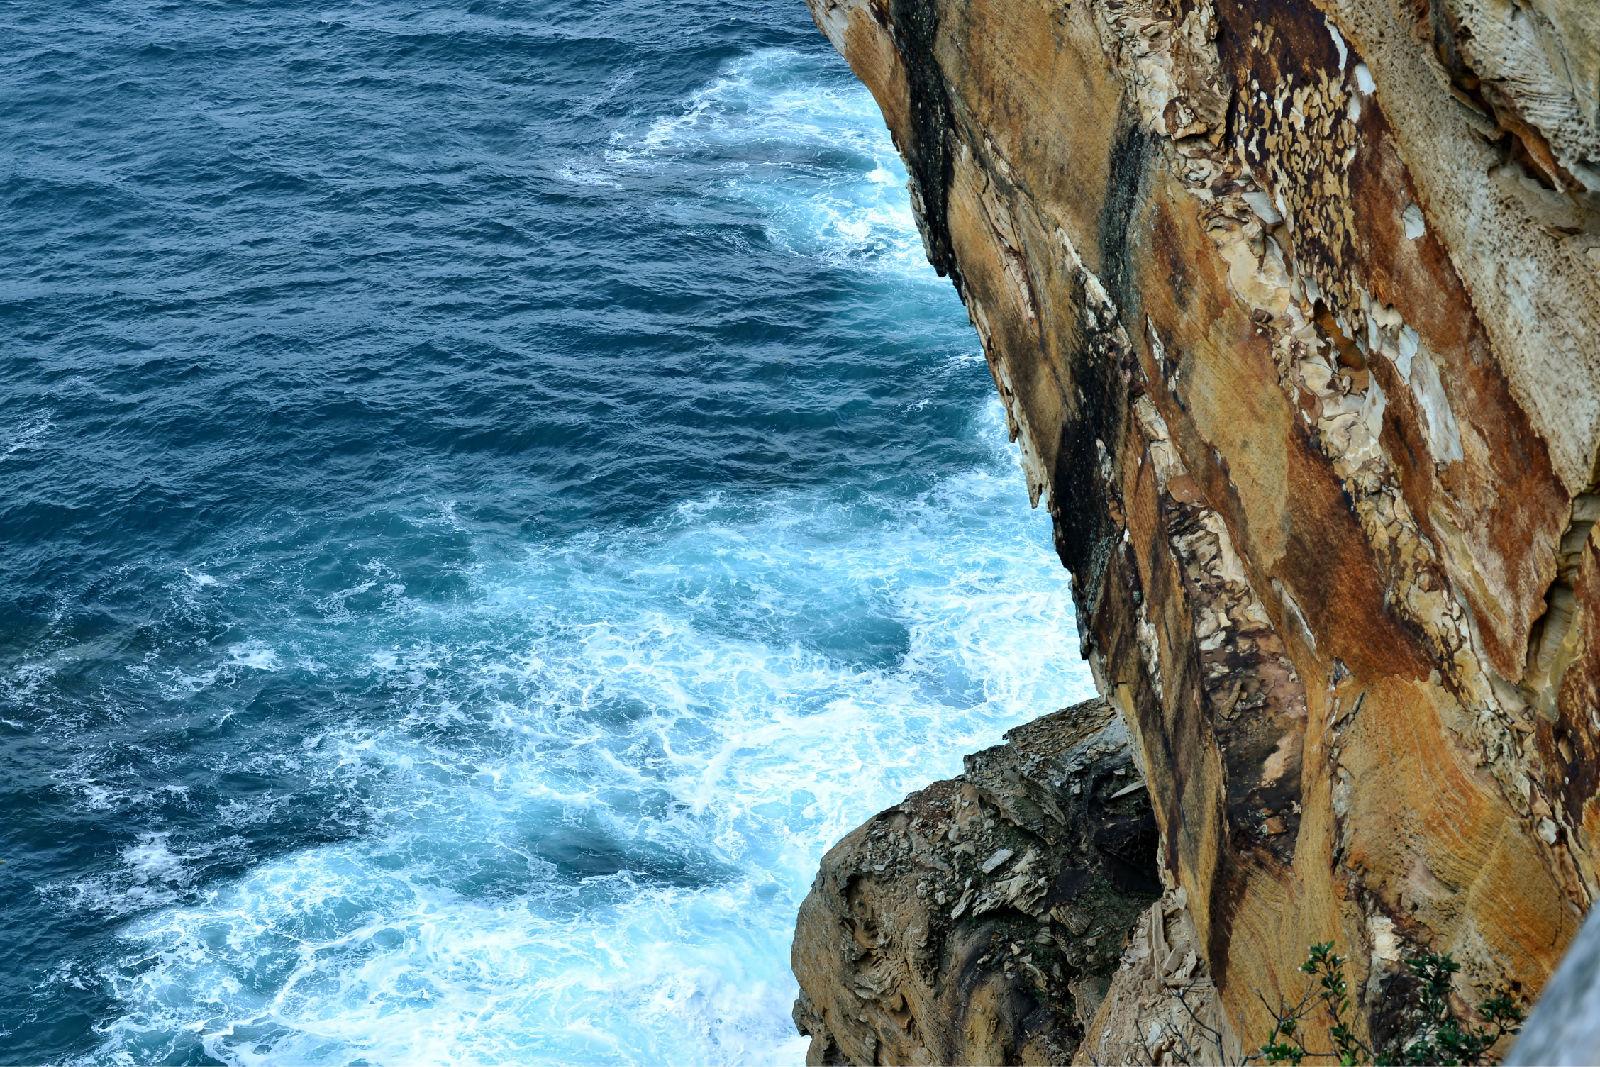 澳大利亚旅游攻略图片339